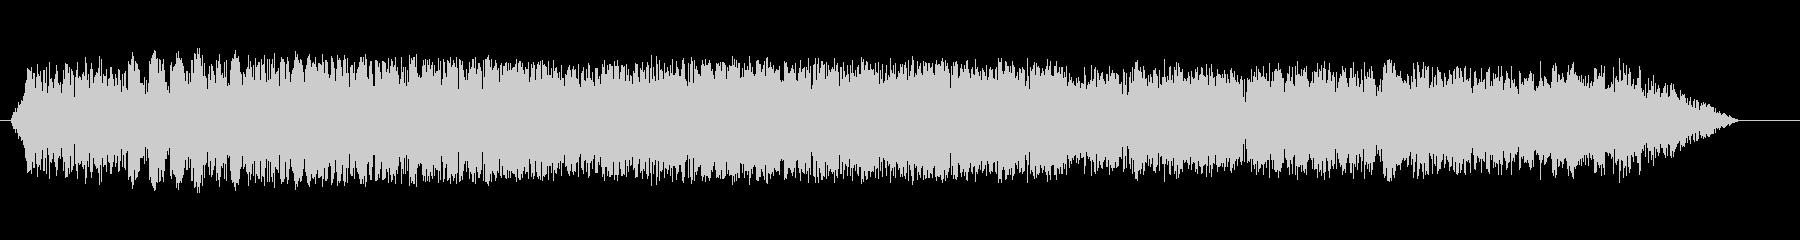 GTSカー;アイドル/回転数(数)...の未再生の波形